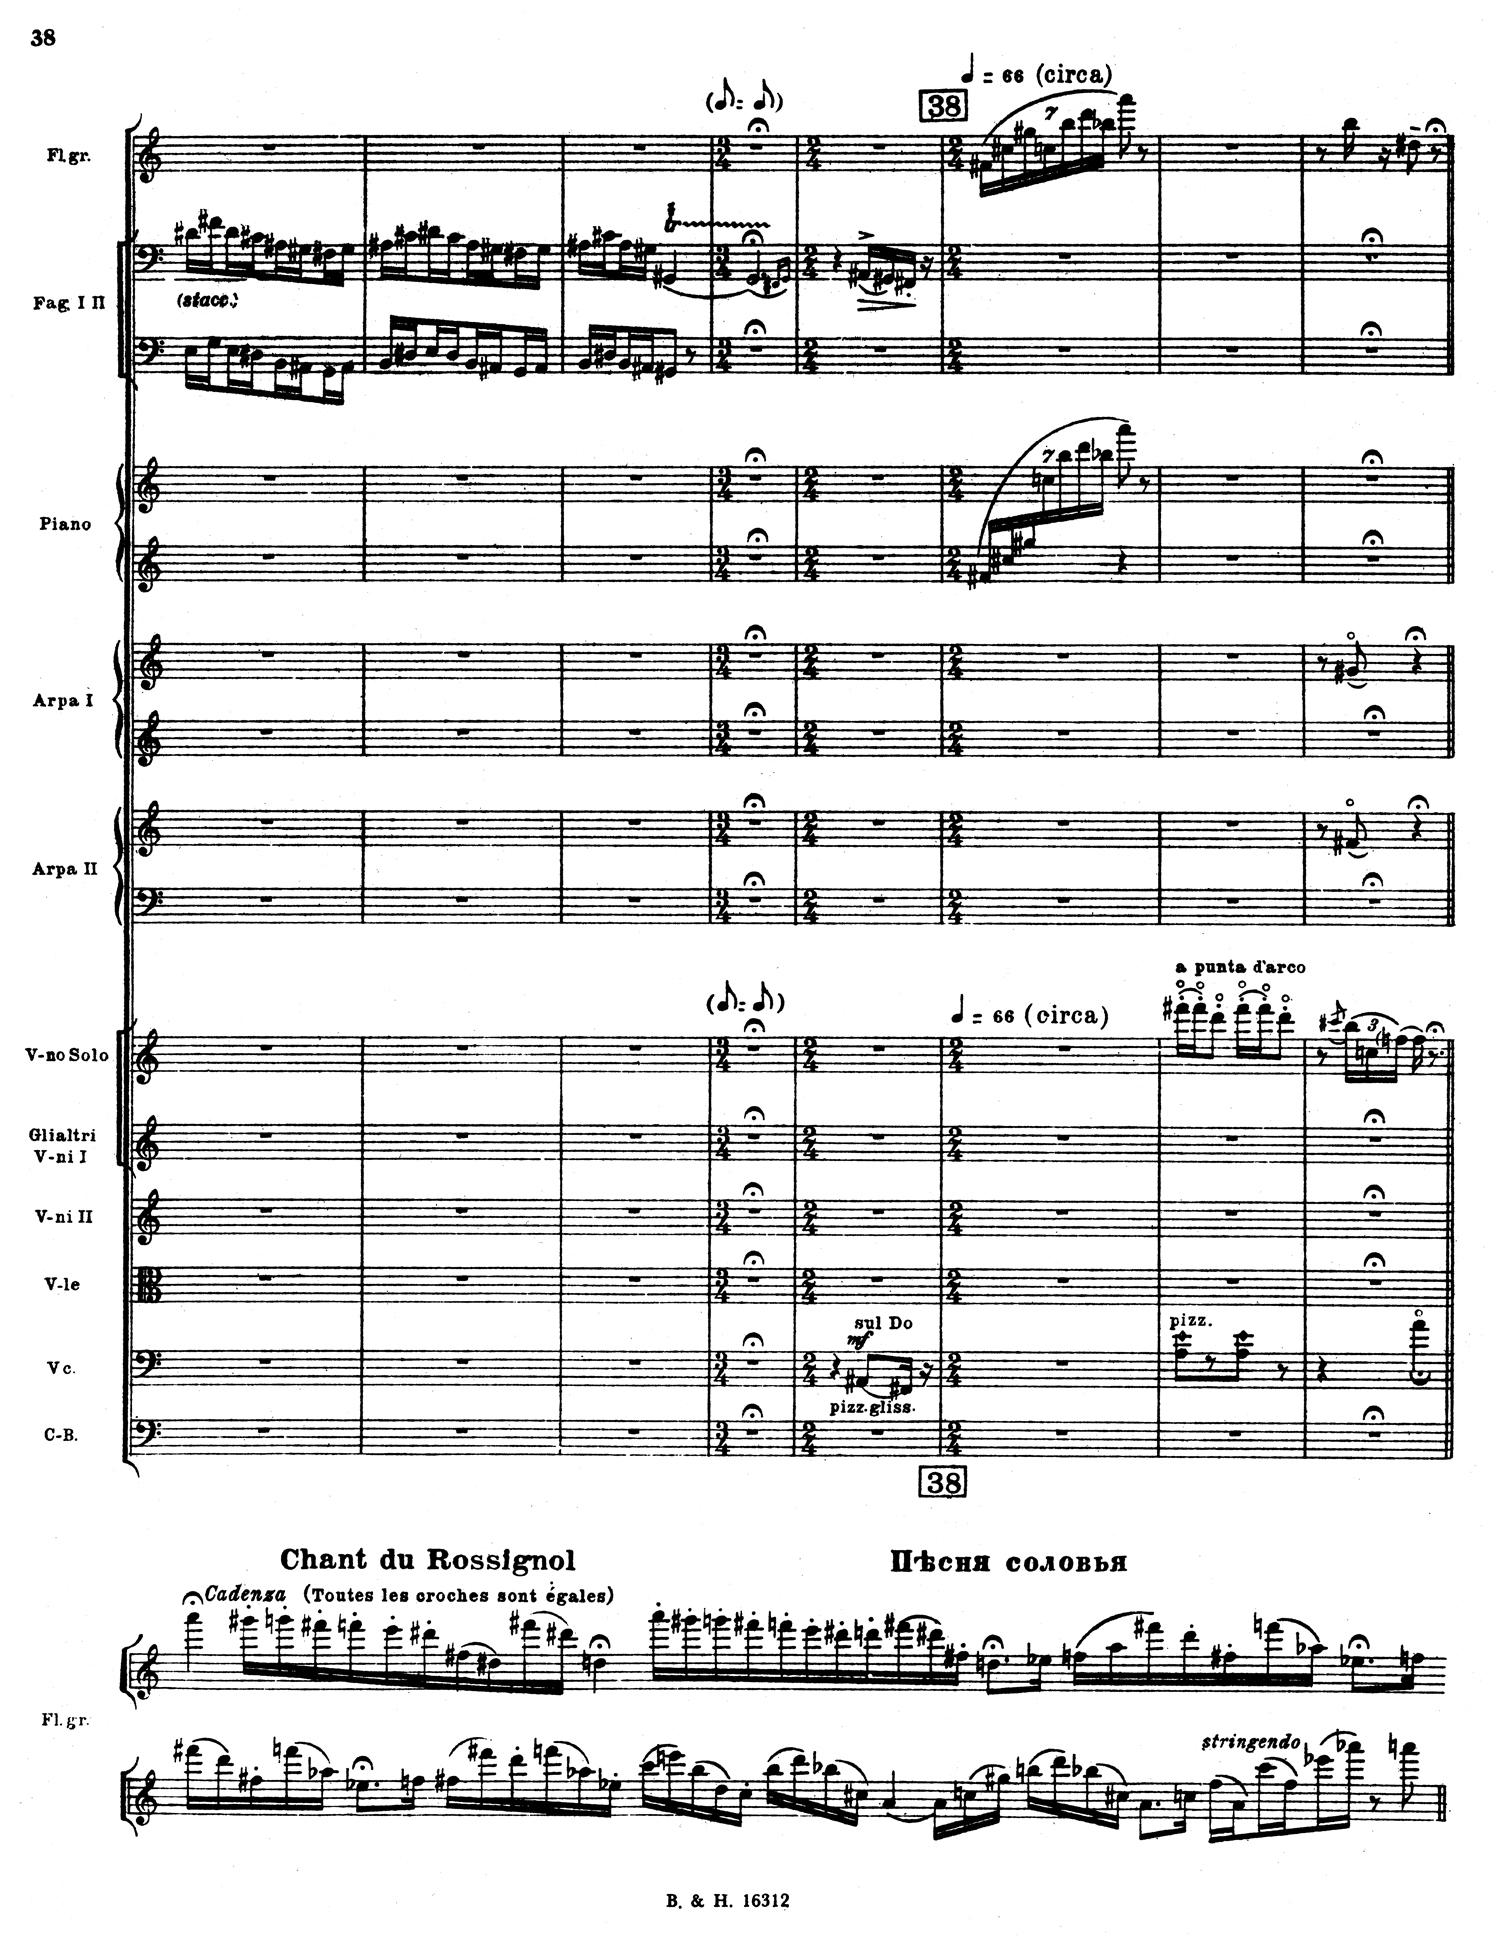 Nightingale Score 6.jpg